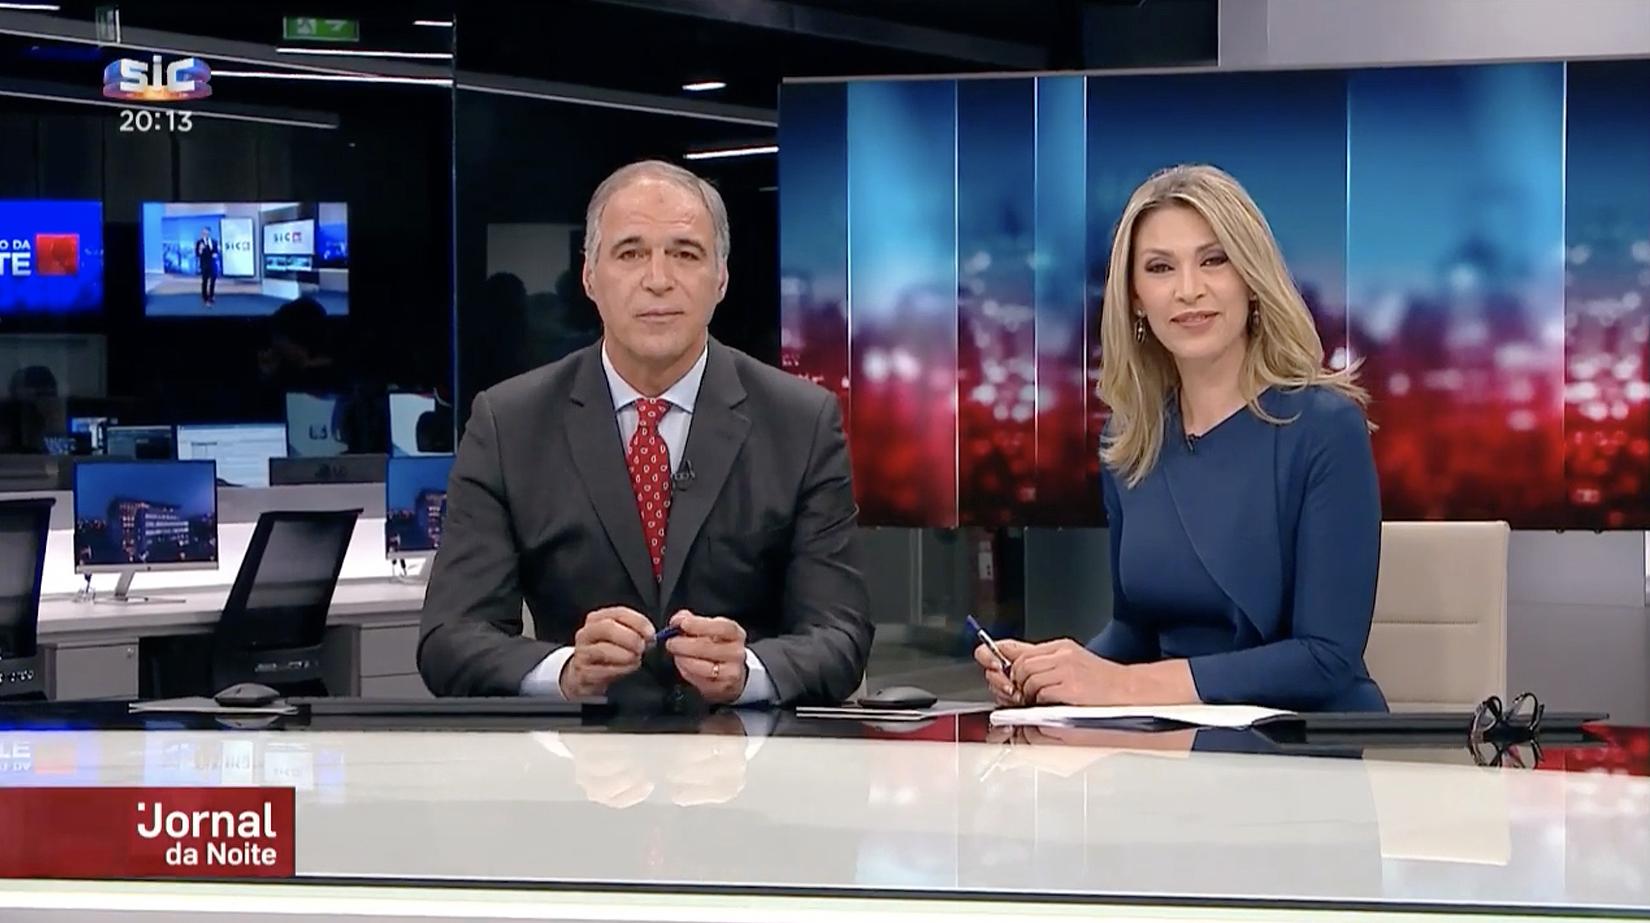 NCS_SIC-Noticias-EStudio-2019_0006